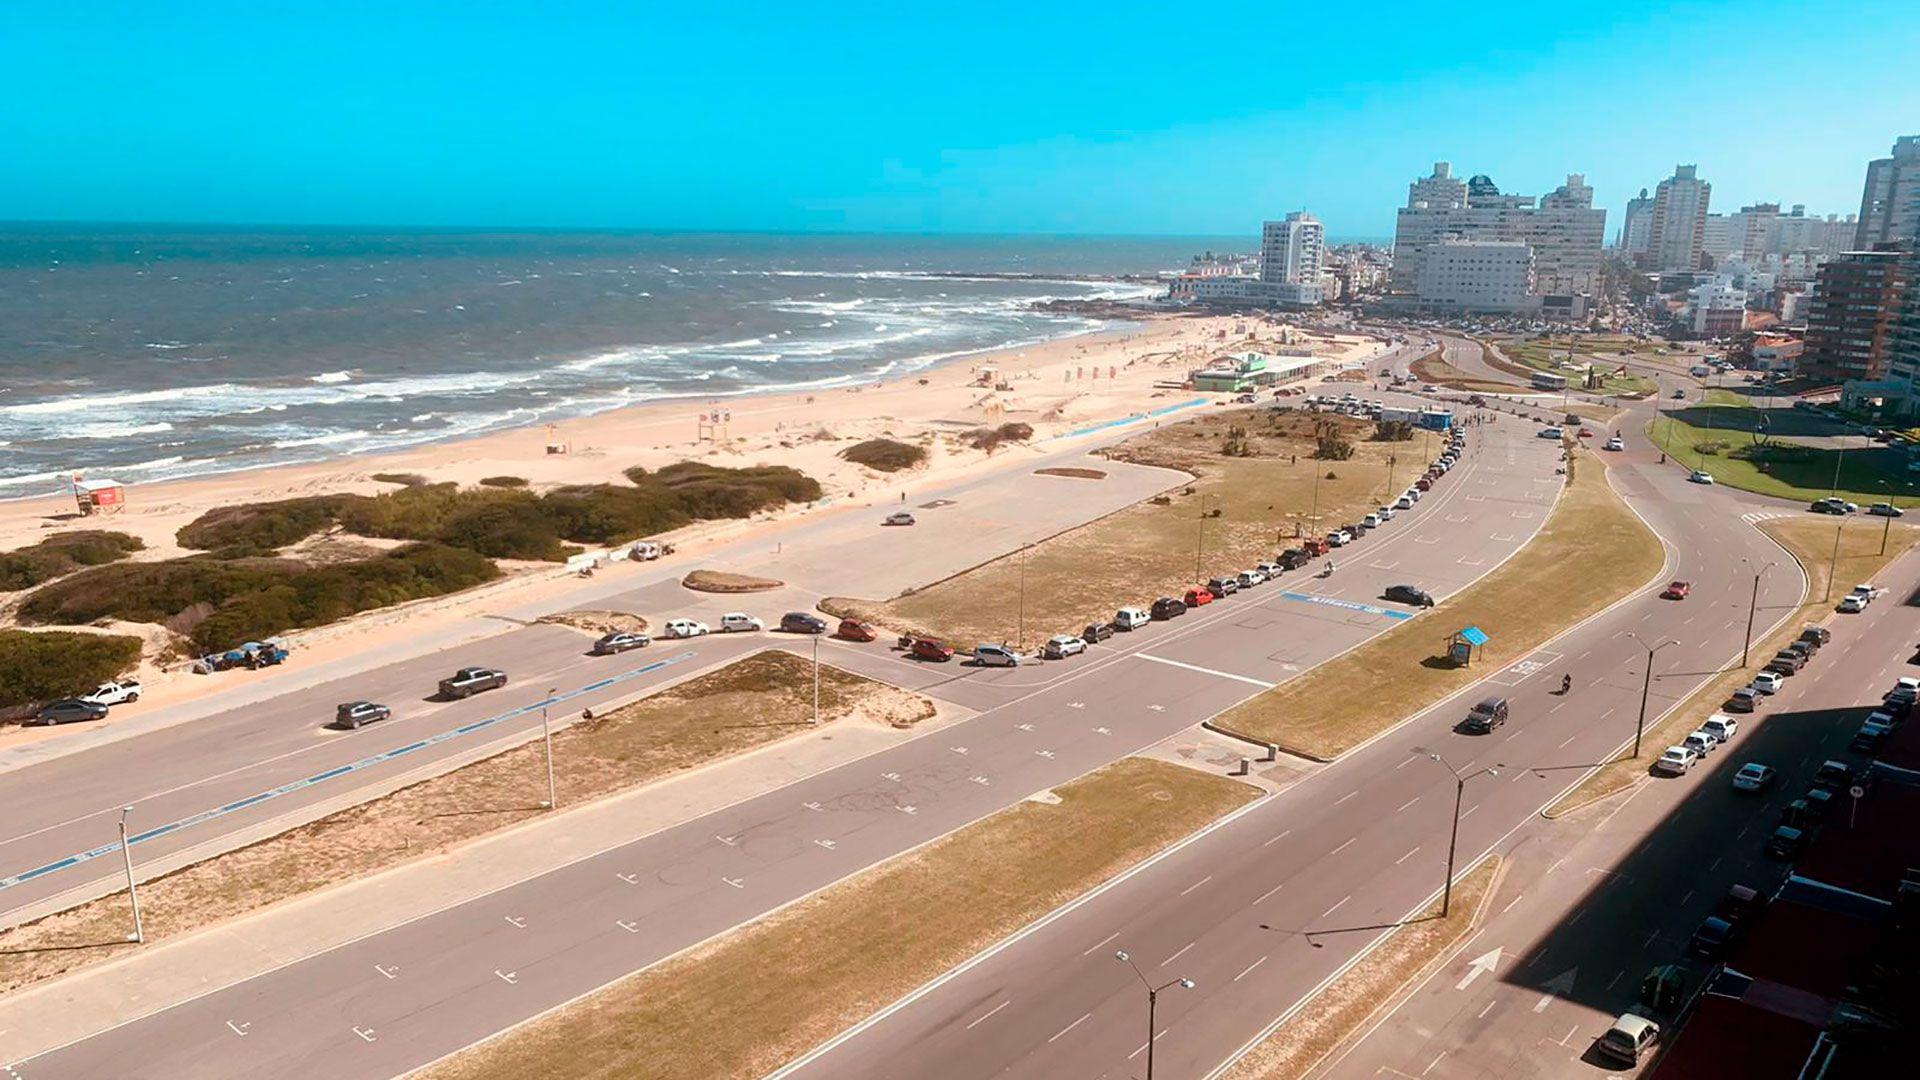 punta del este - verano 2021 - Unidad para hisopar x Covid 19 en playa Brava